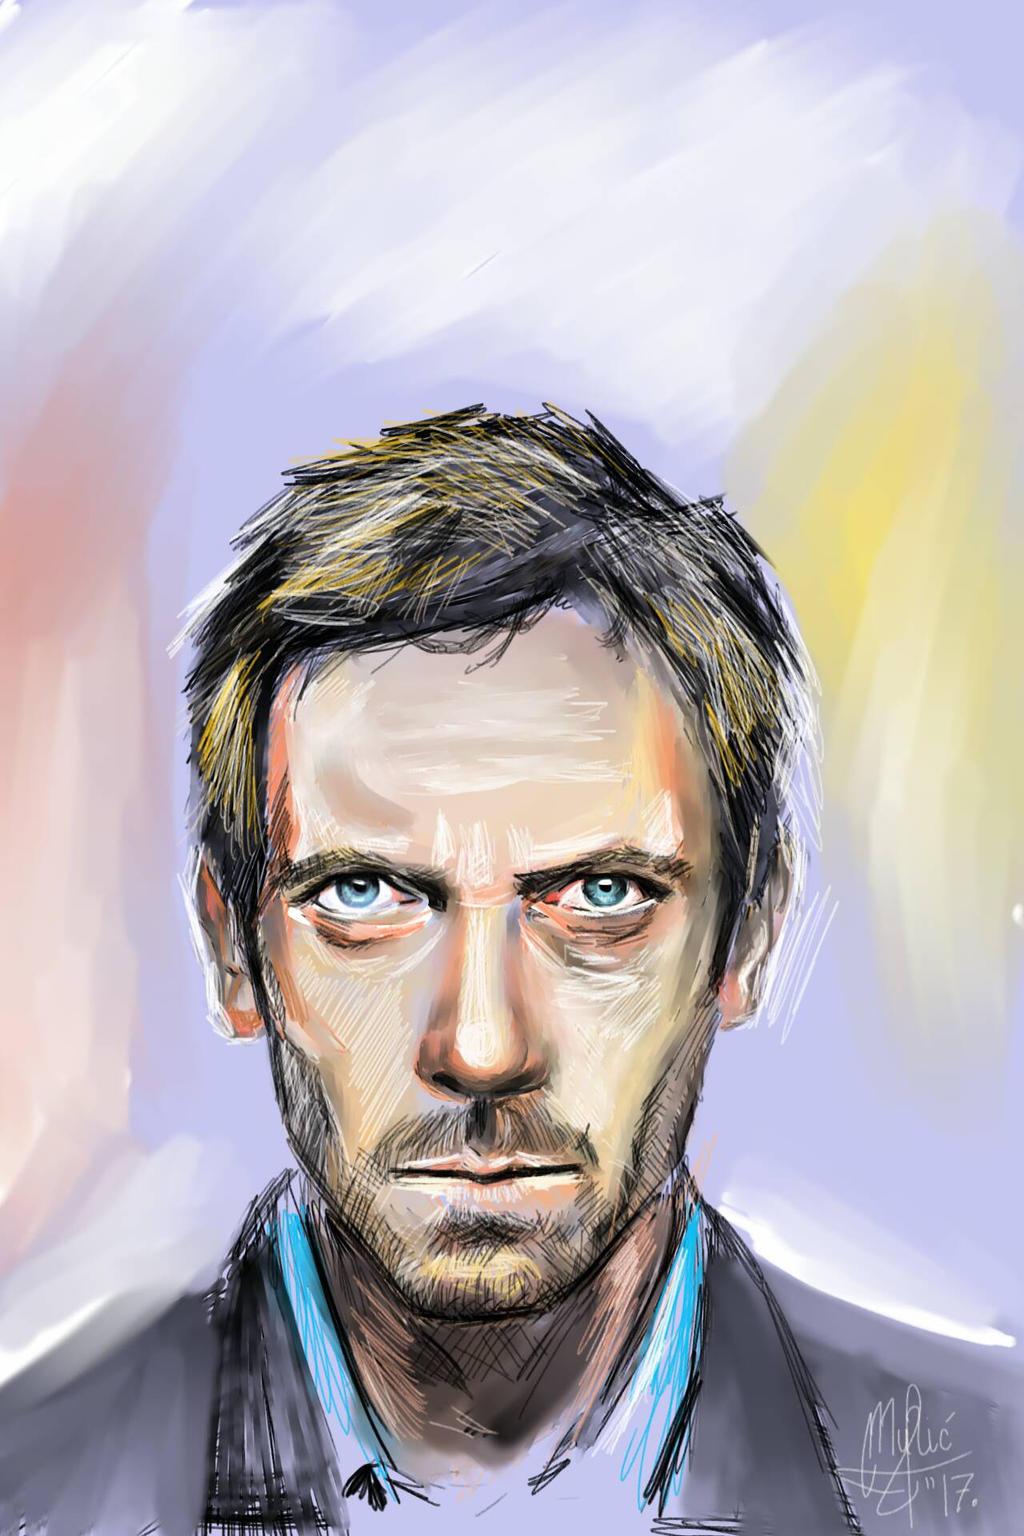 Hugh Laurie portrait by gamerfan2000